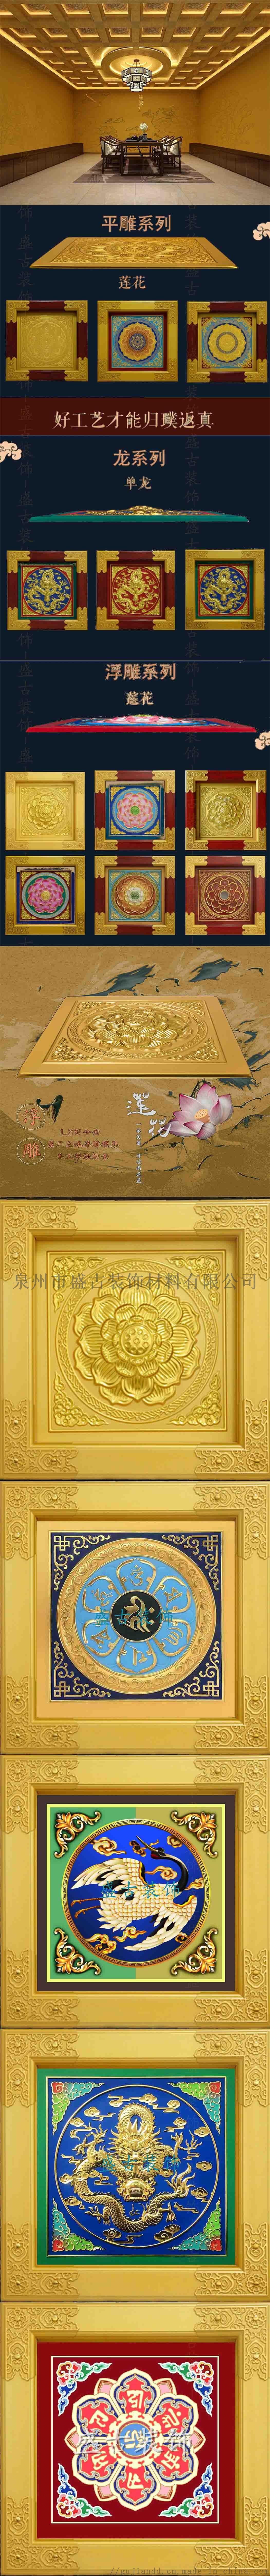 湖北盛古寺庙吊顶彩绘装修102305712